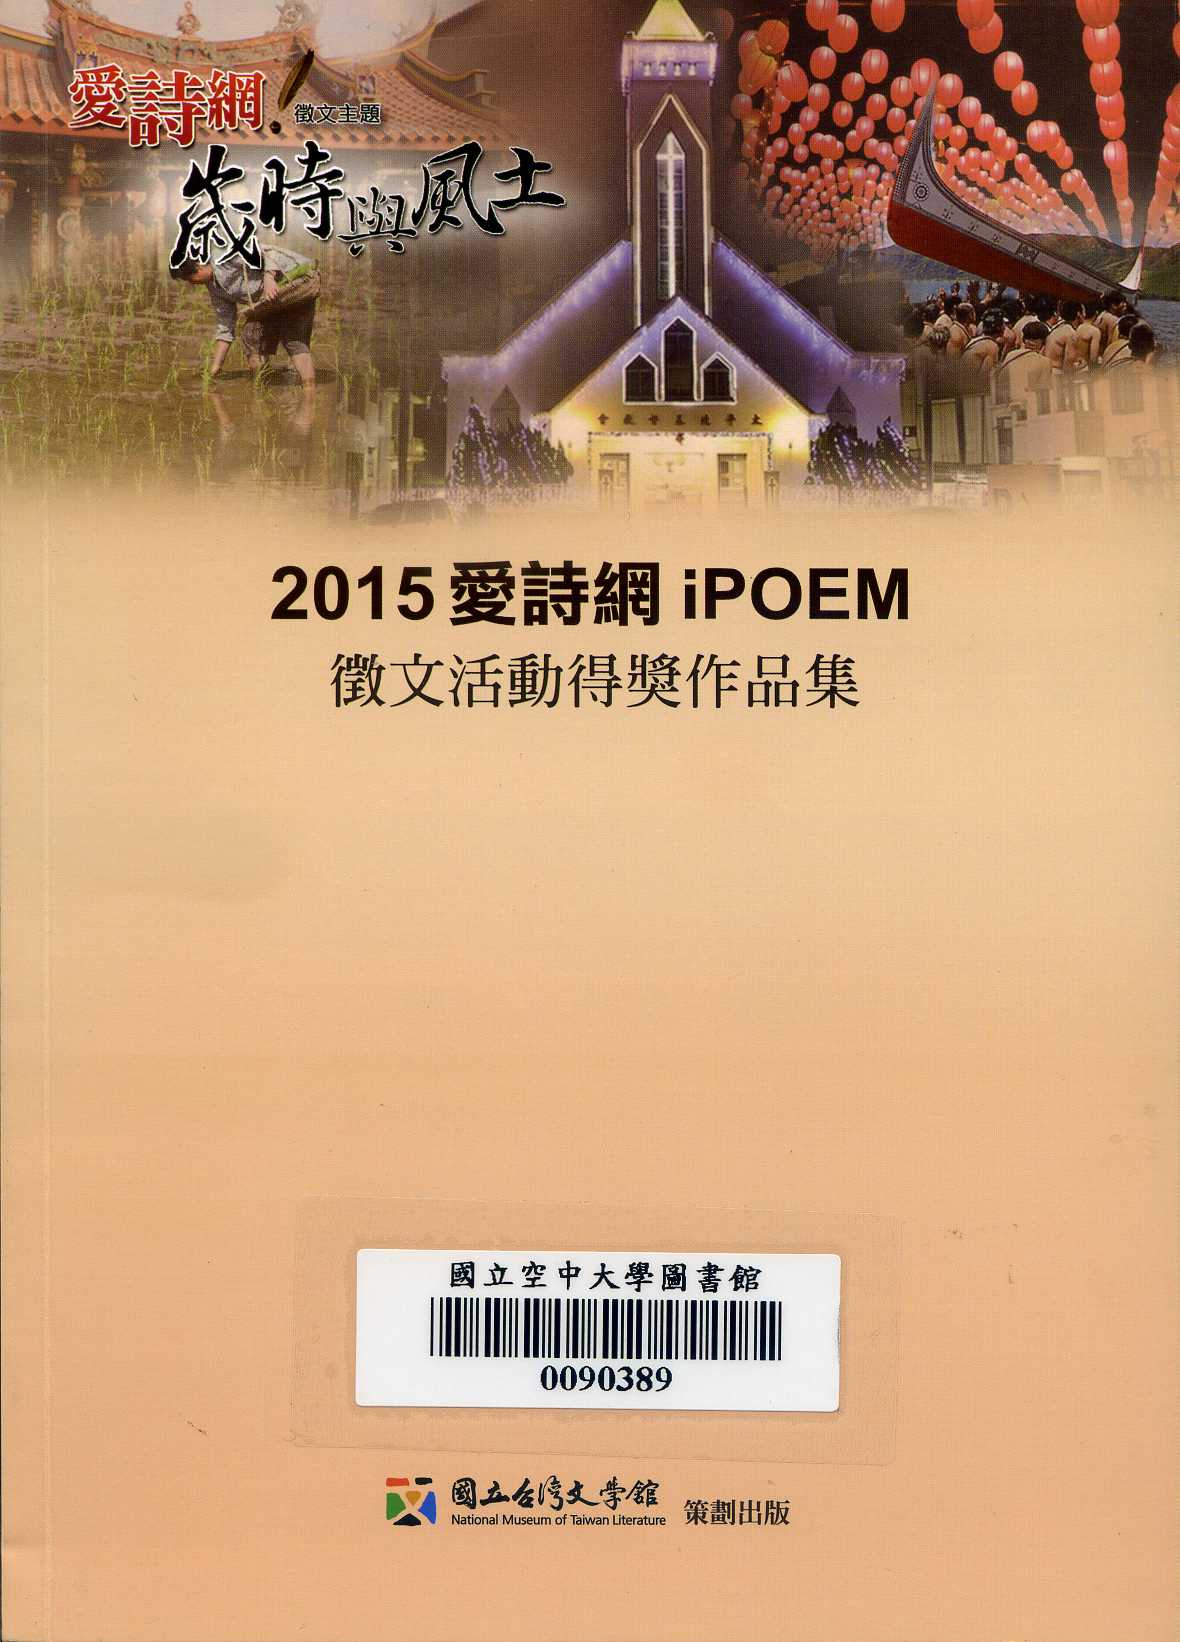 2015愛詩網iPOEM徵文活動得獎作品集 /